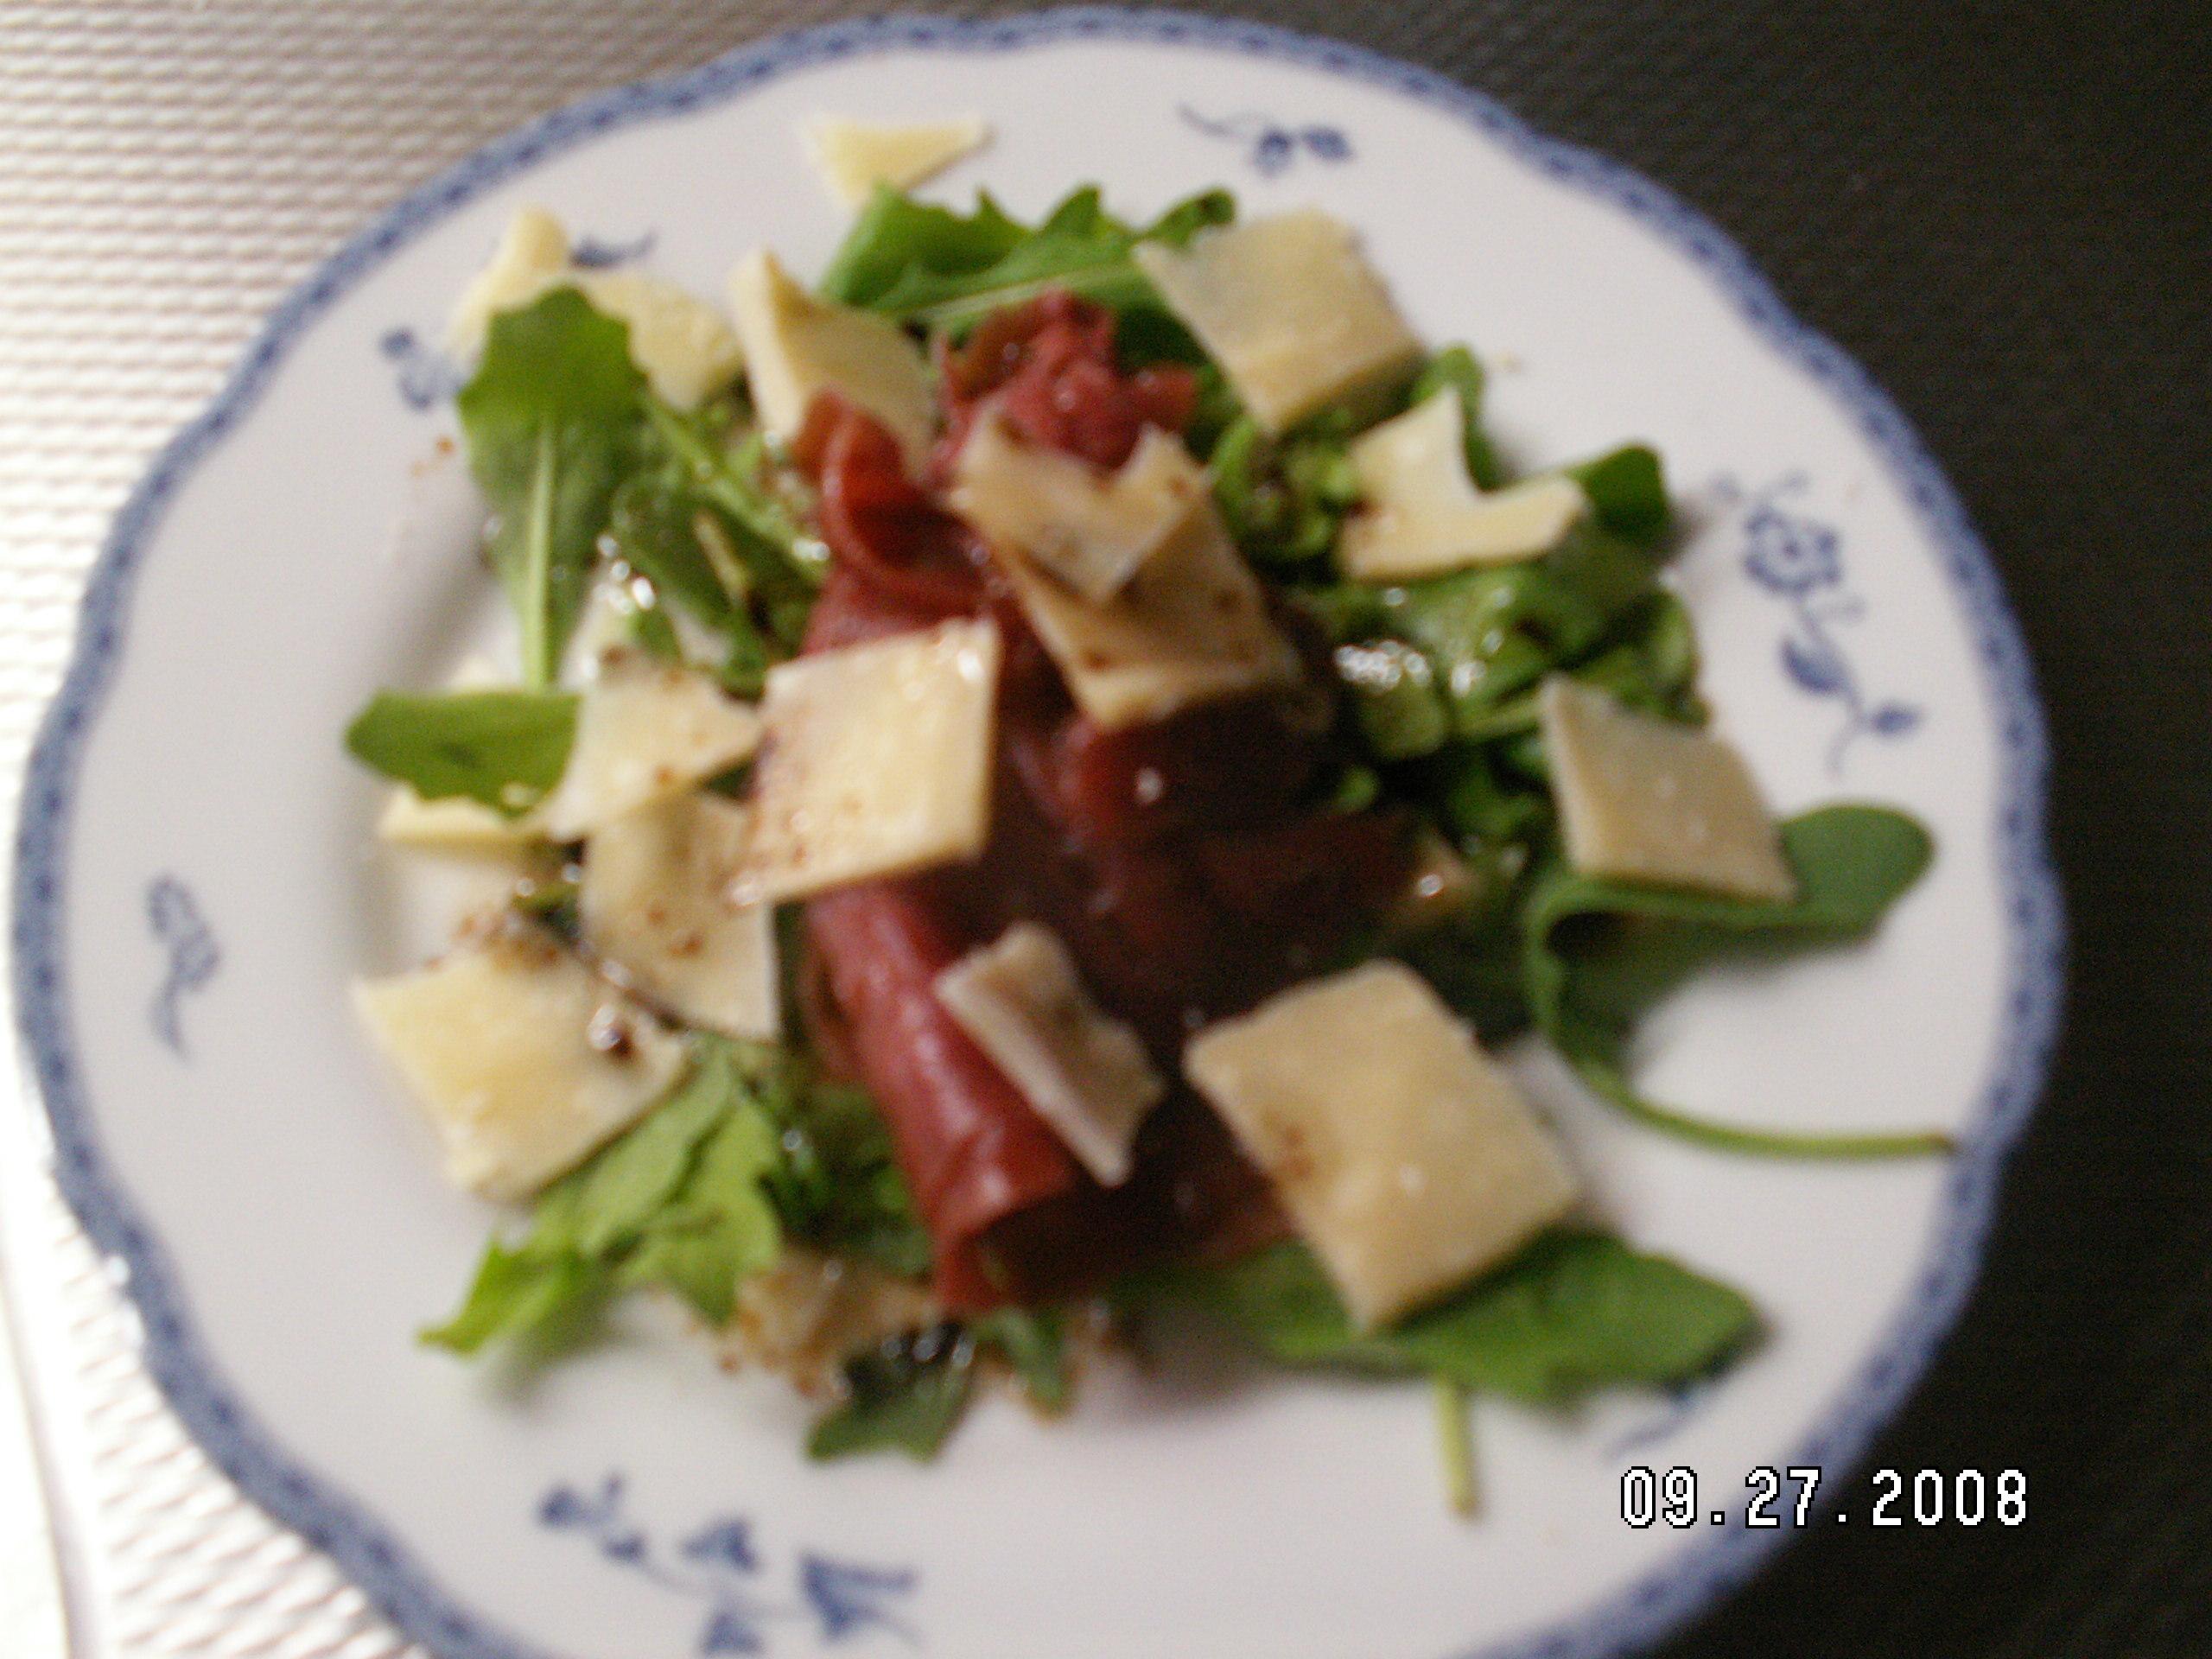 bresaola sallad